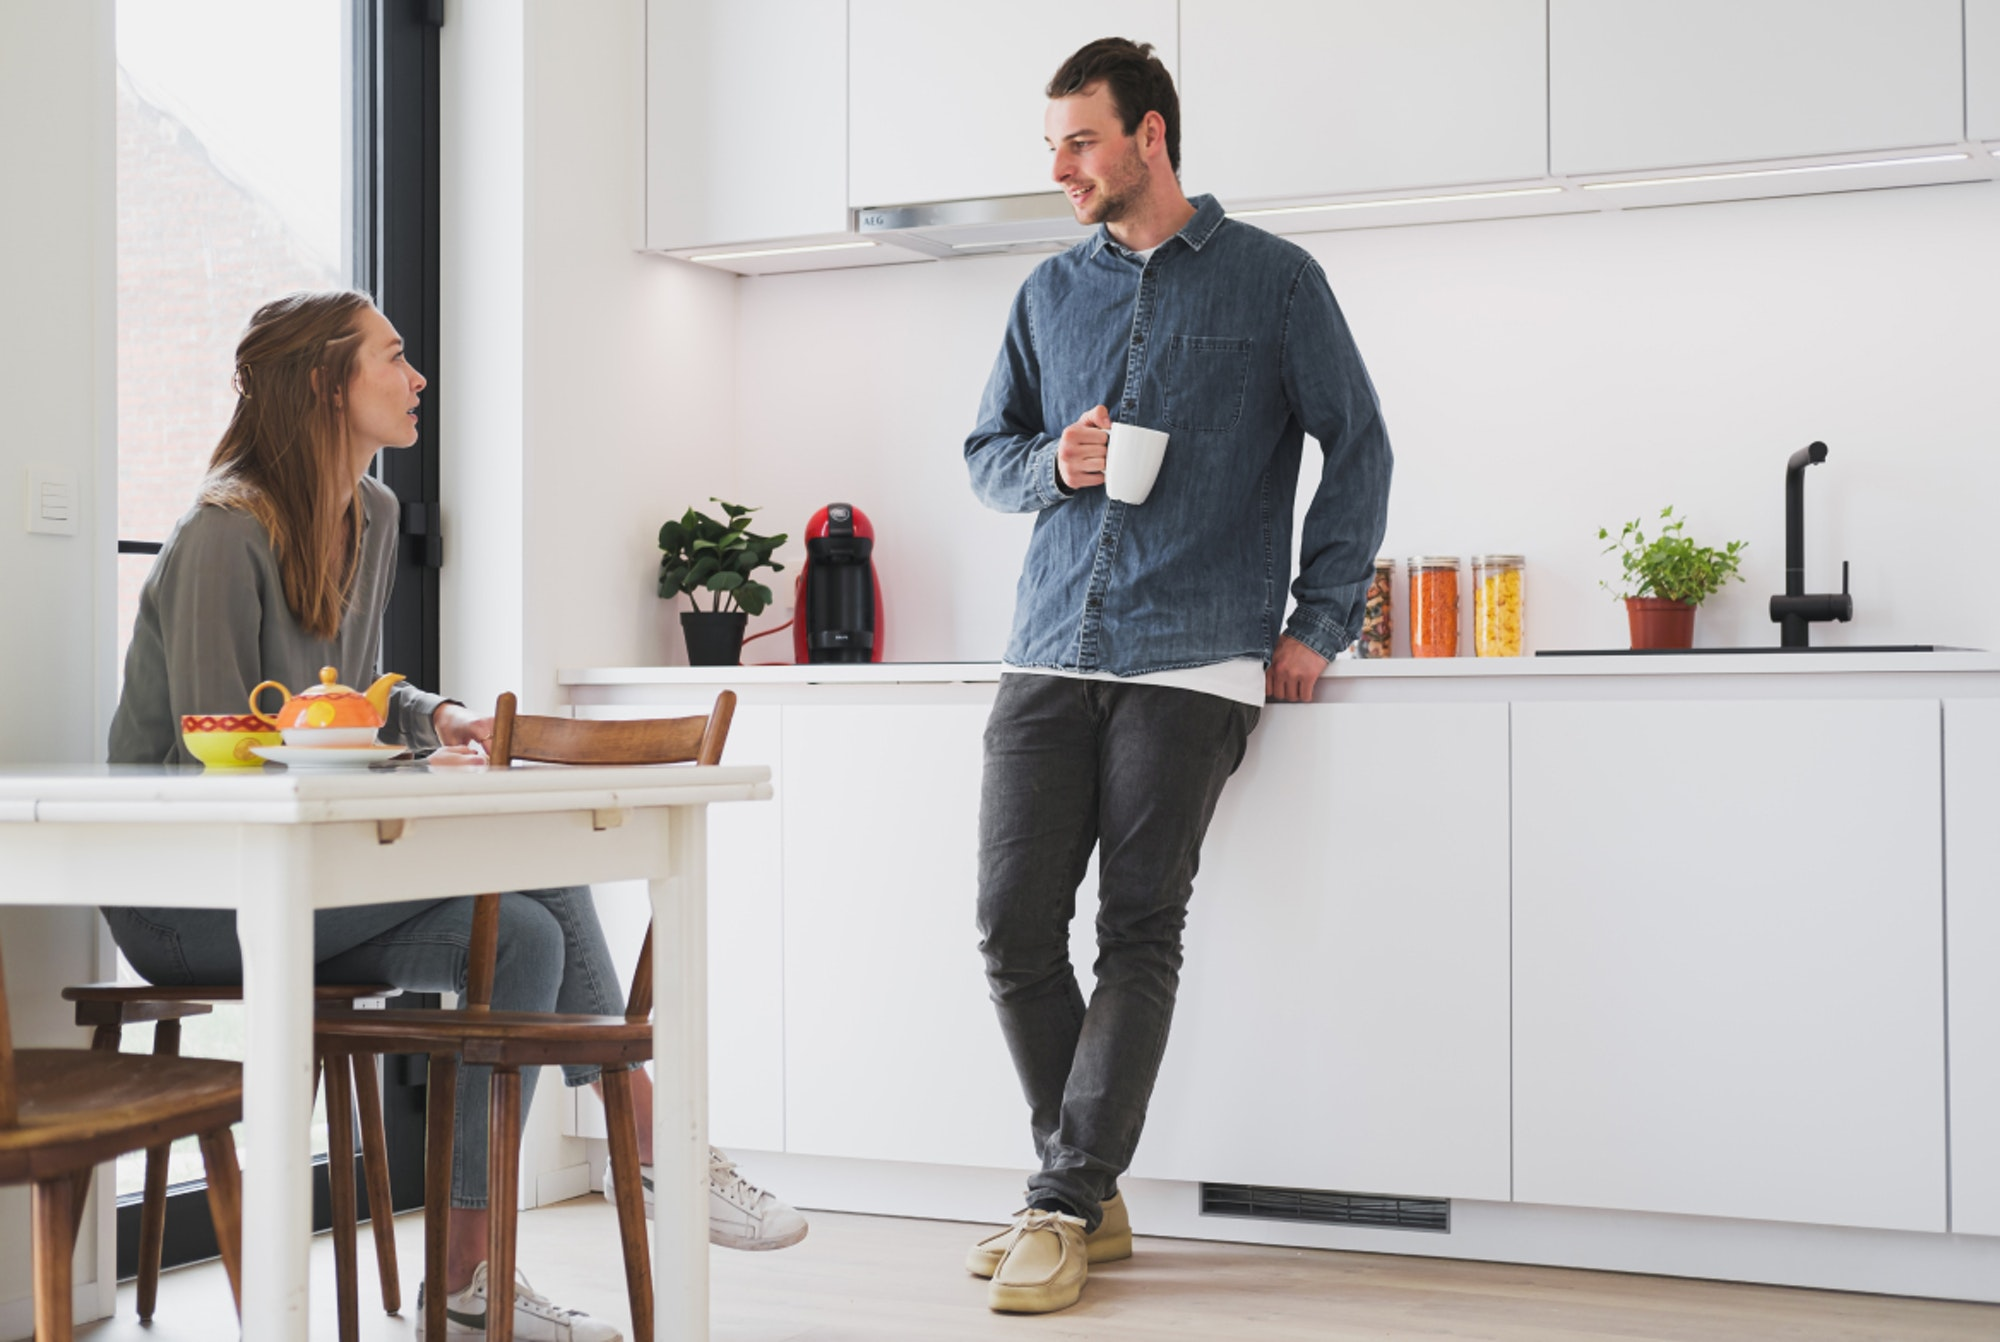 Jong koppel in conversatie in een Skilpod Keuken